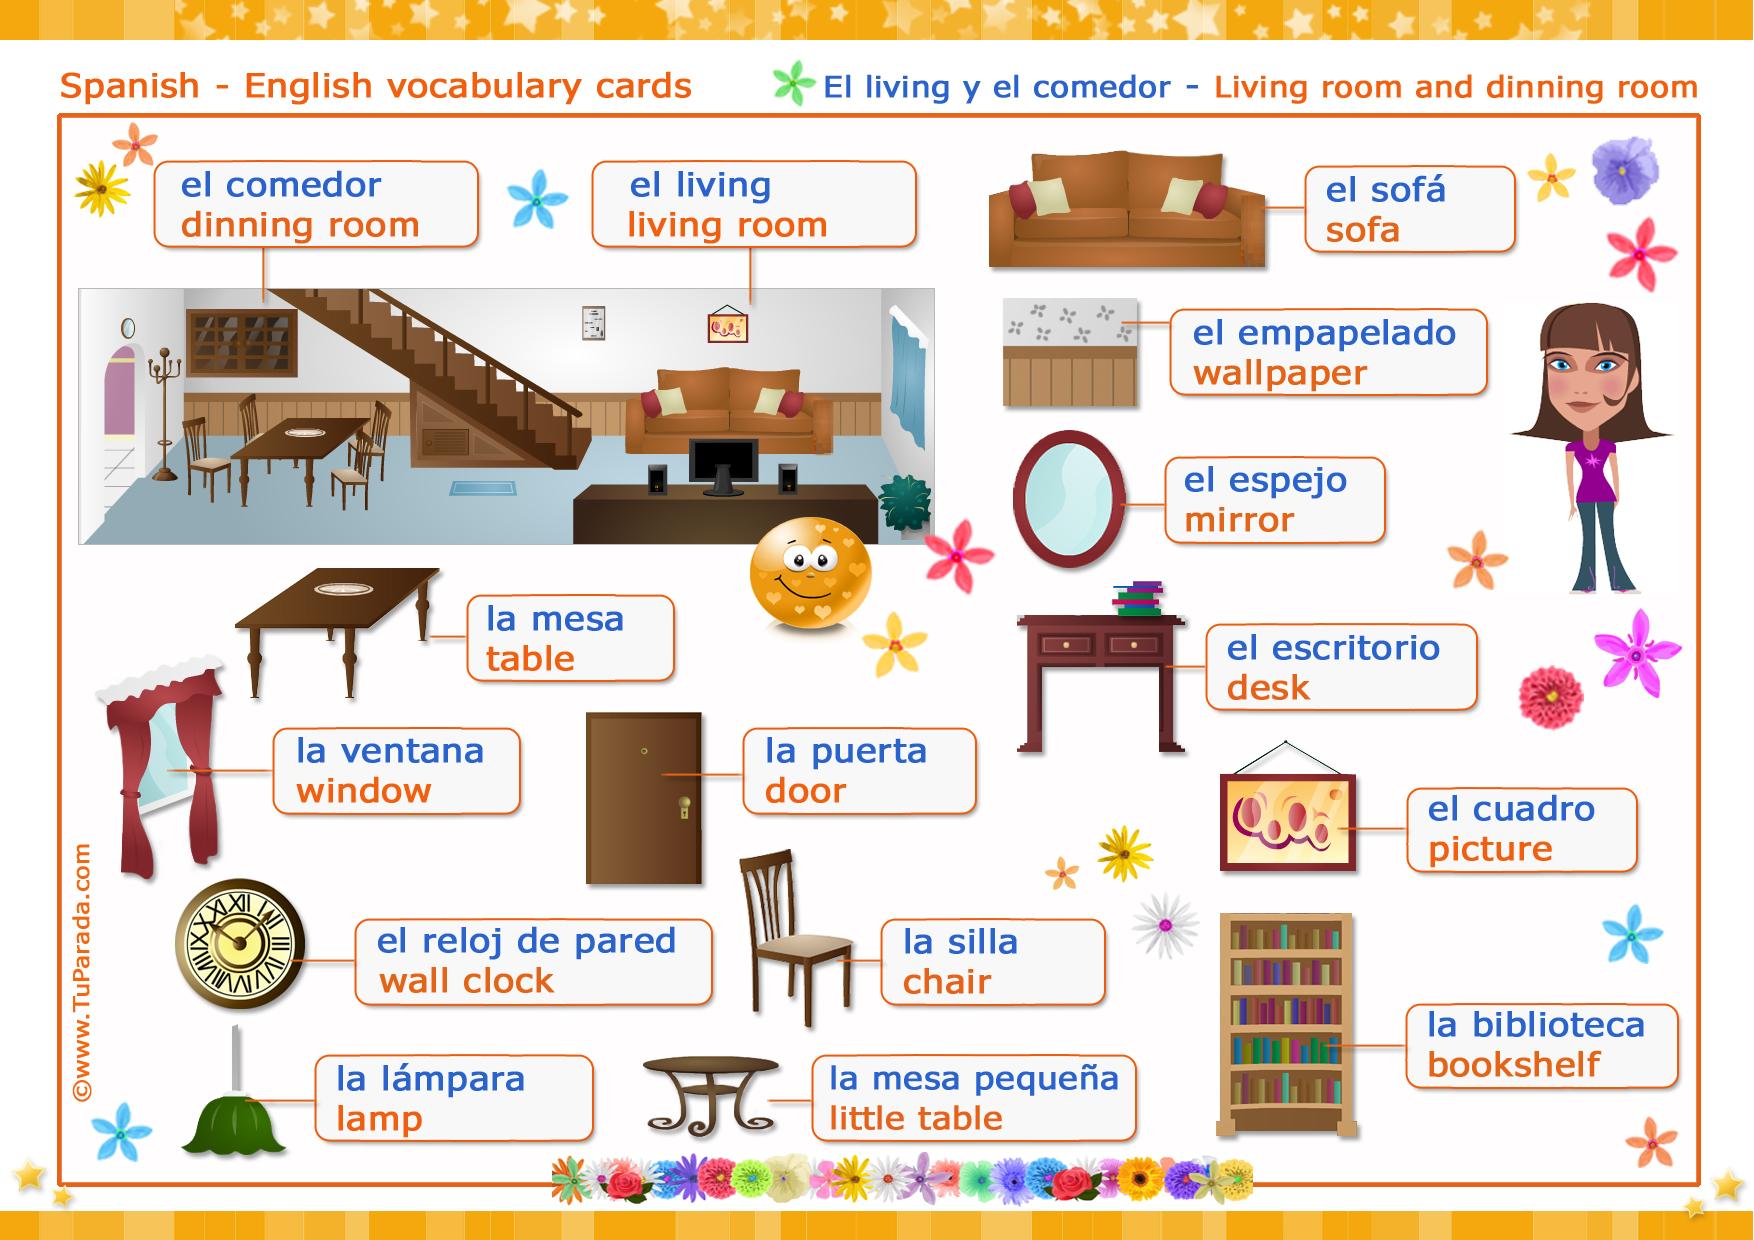 El living living room dinning room vocabulario for Como se dice cocina en ingles